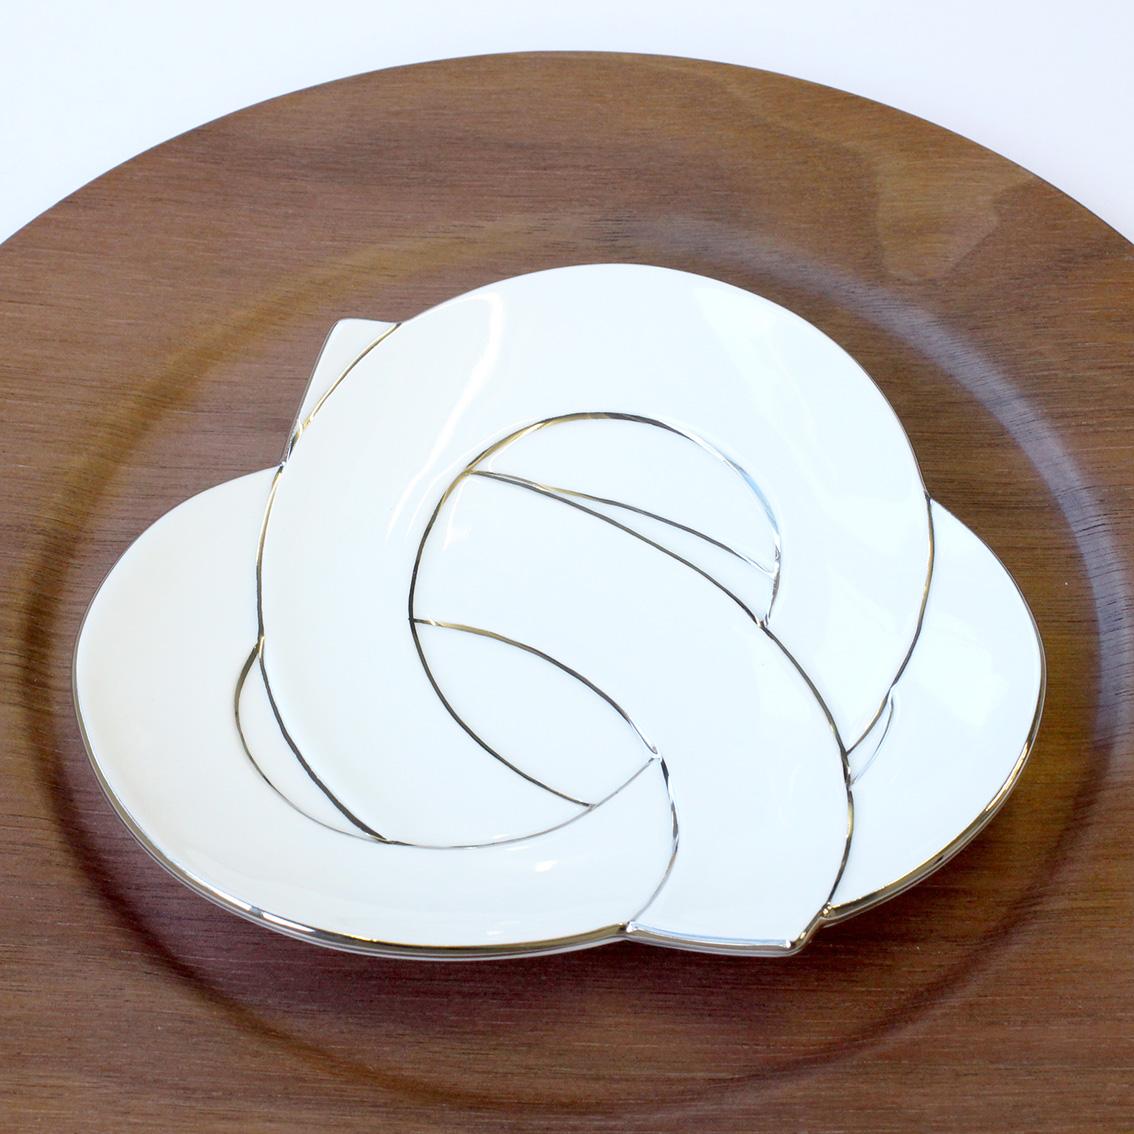 むすび銘々皿 プラチナ線